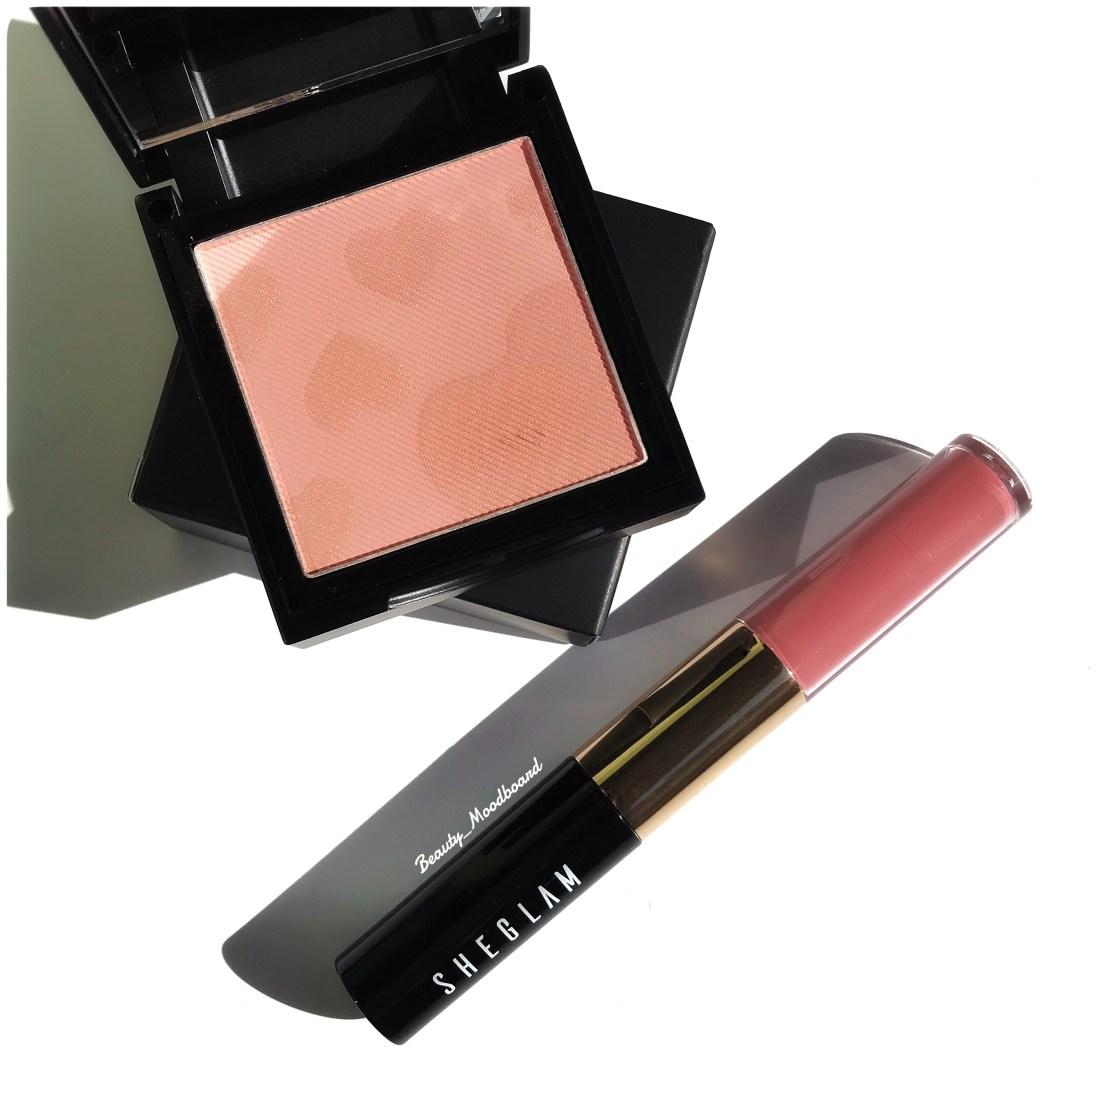 Collection printemps makeup shein